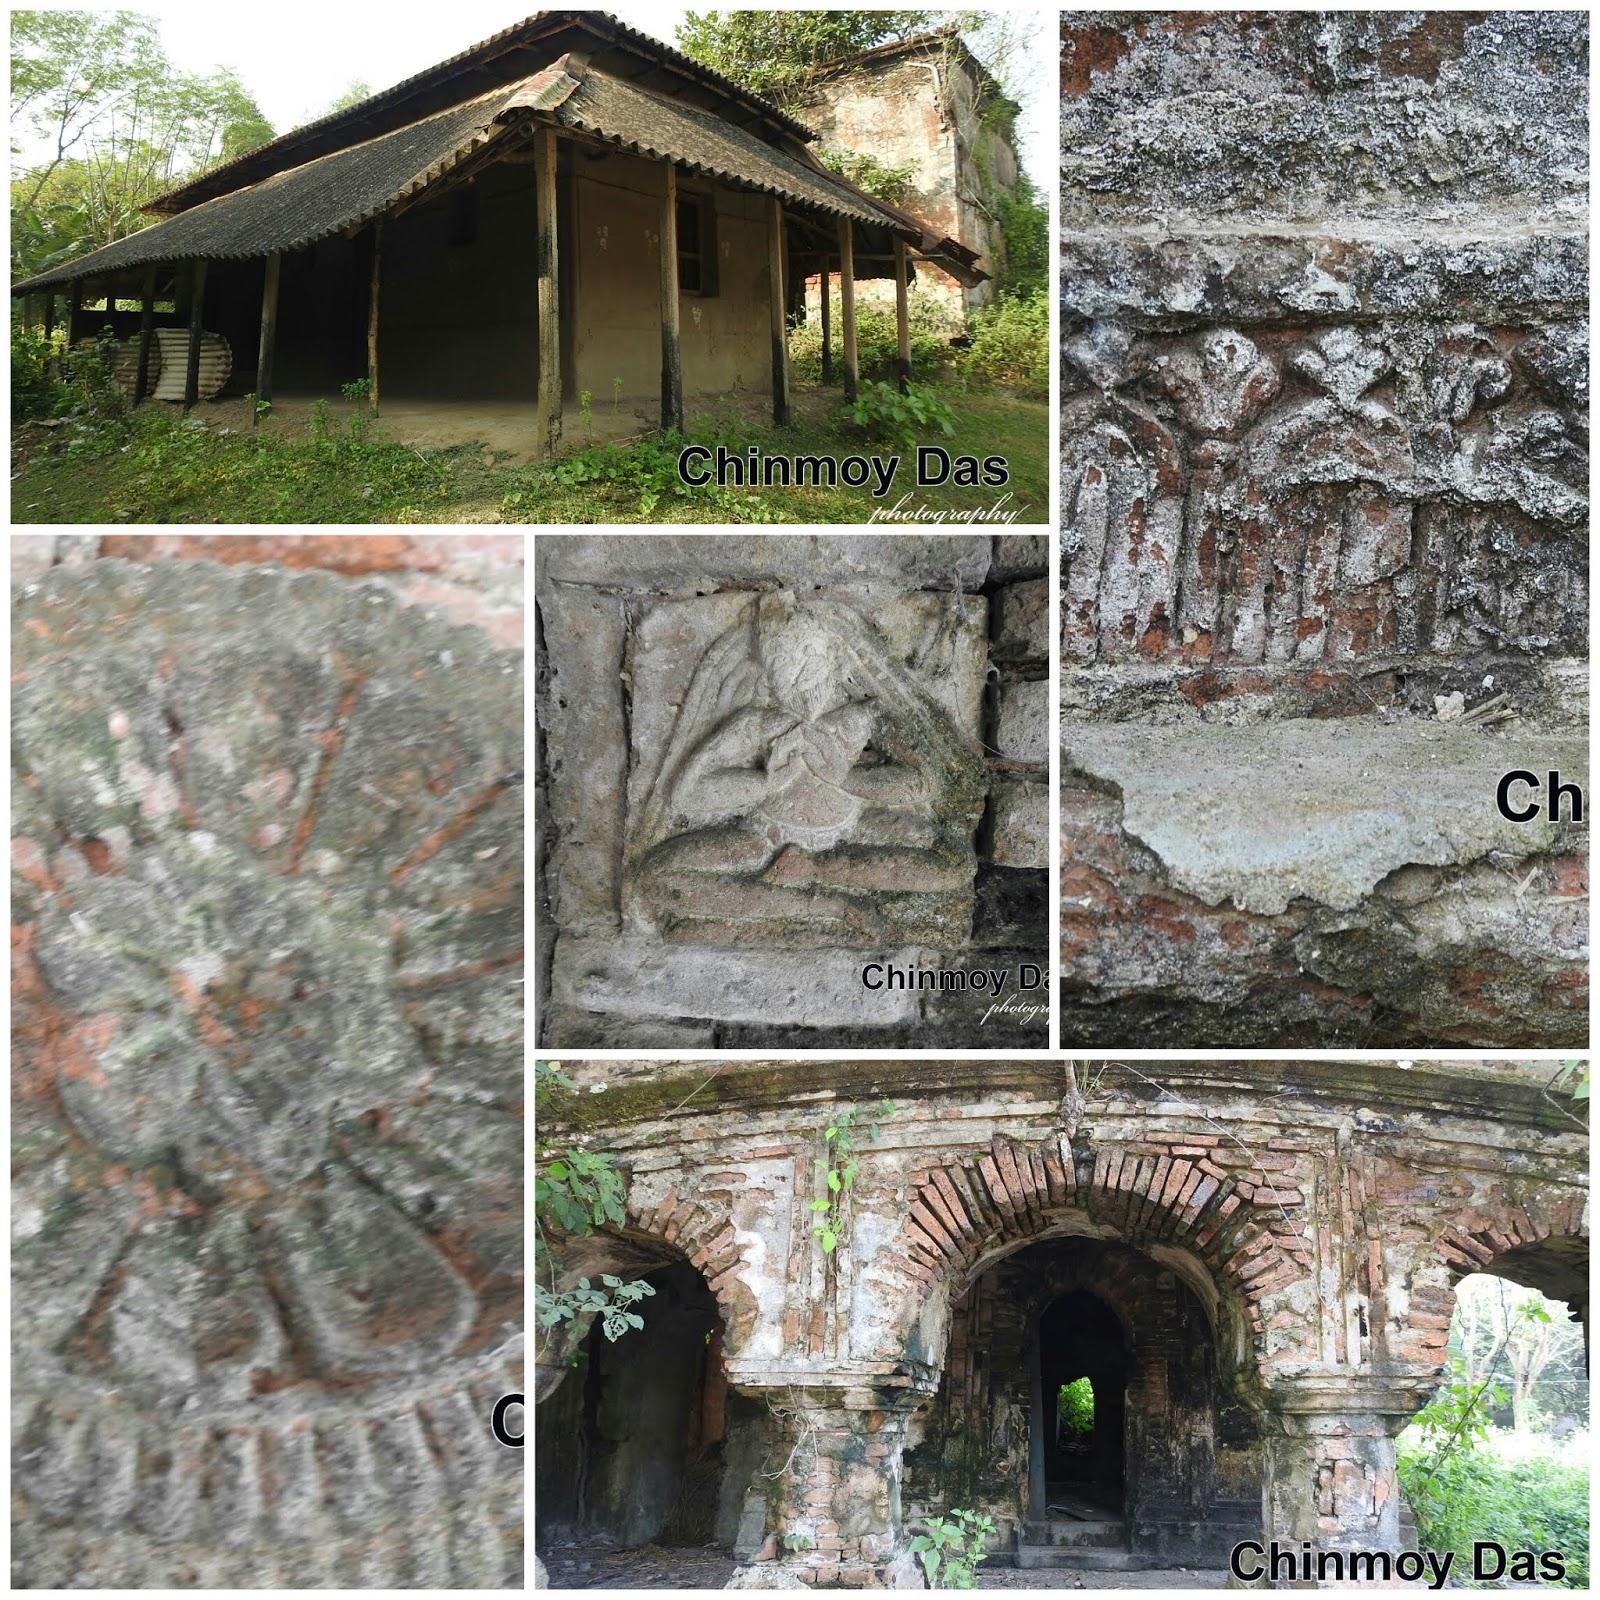 জীর্ণ মন্দিরের জার্নাল-- ৩২    ॥ চিন্ময় দাশ 6